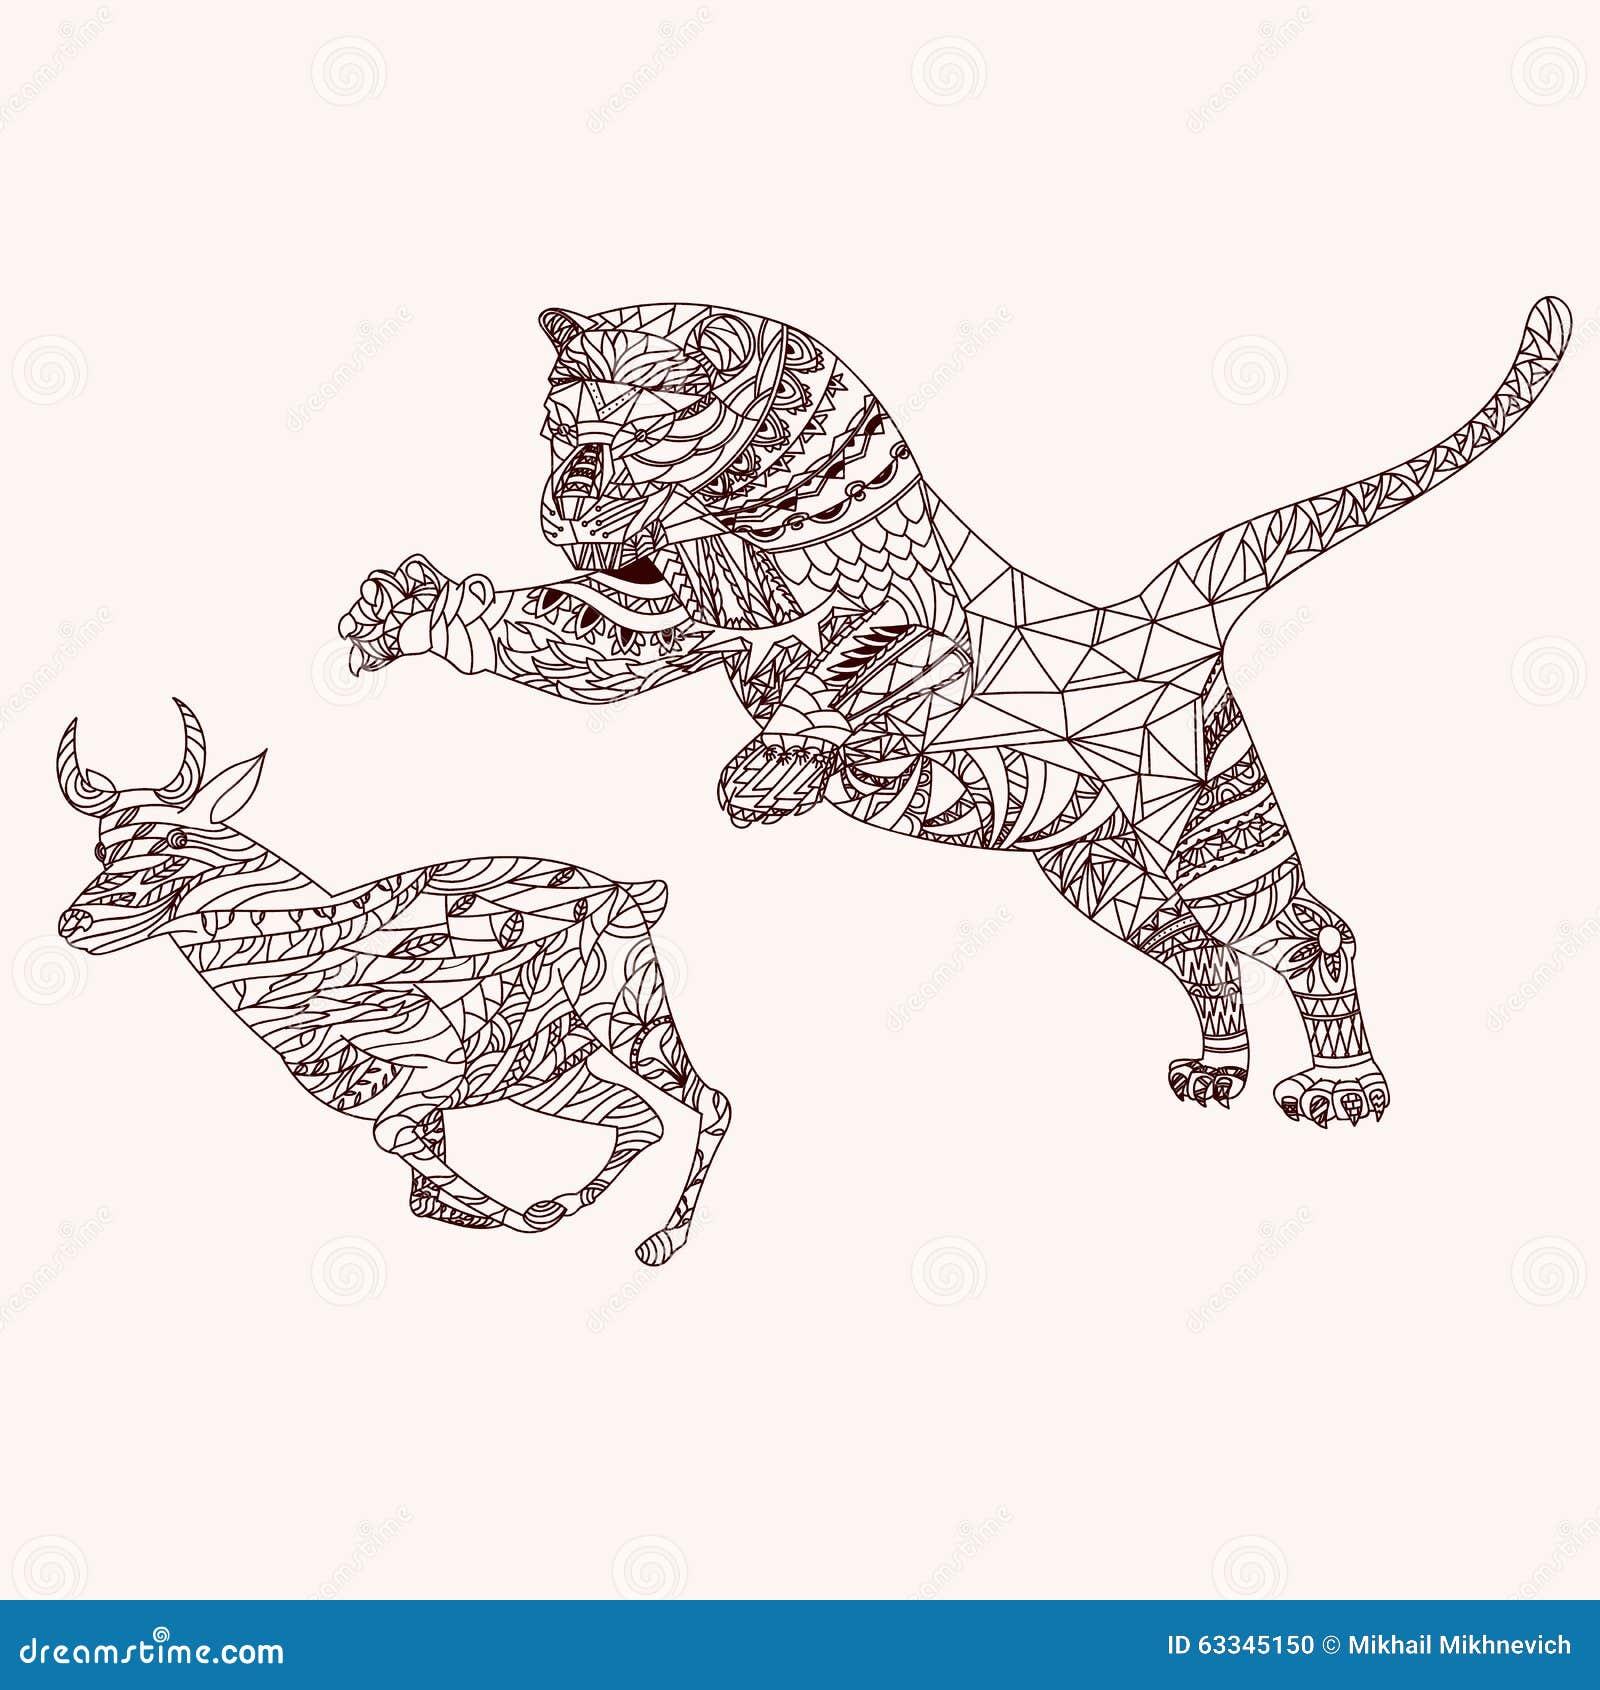 Mandala Tiger Royalty Free Stock Photo